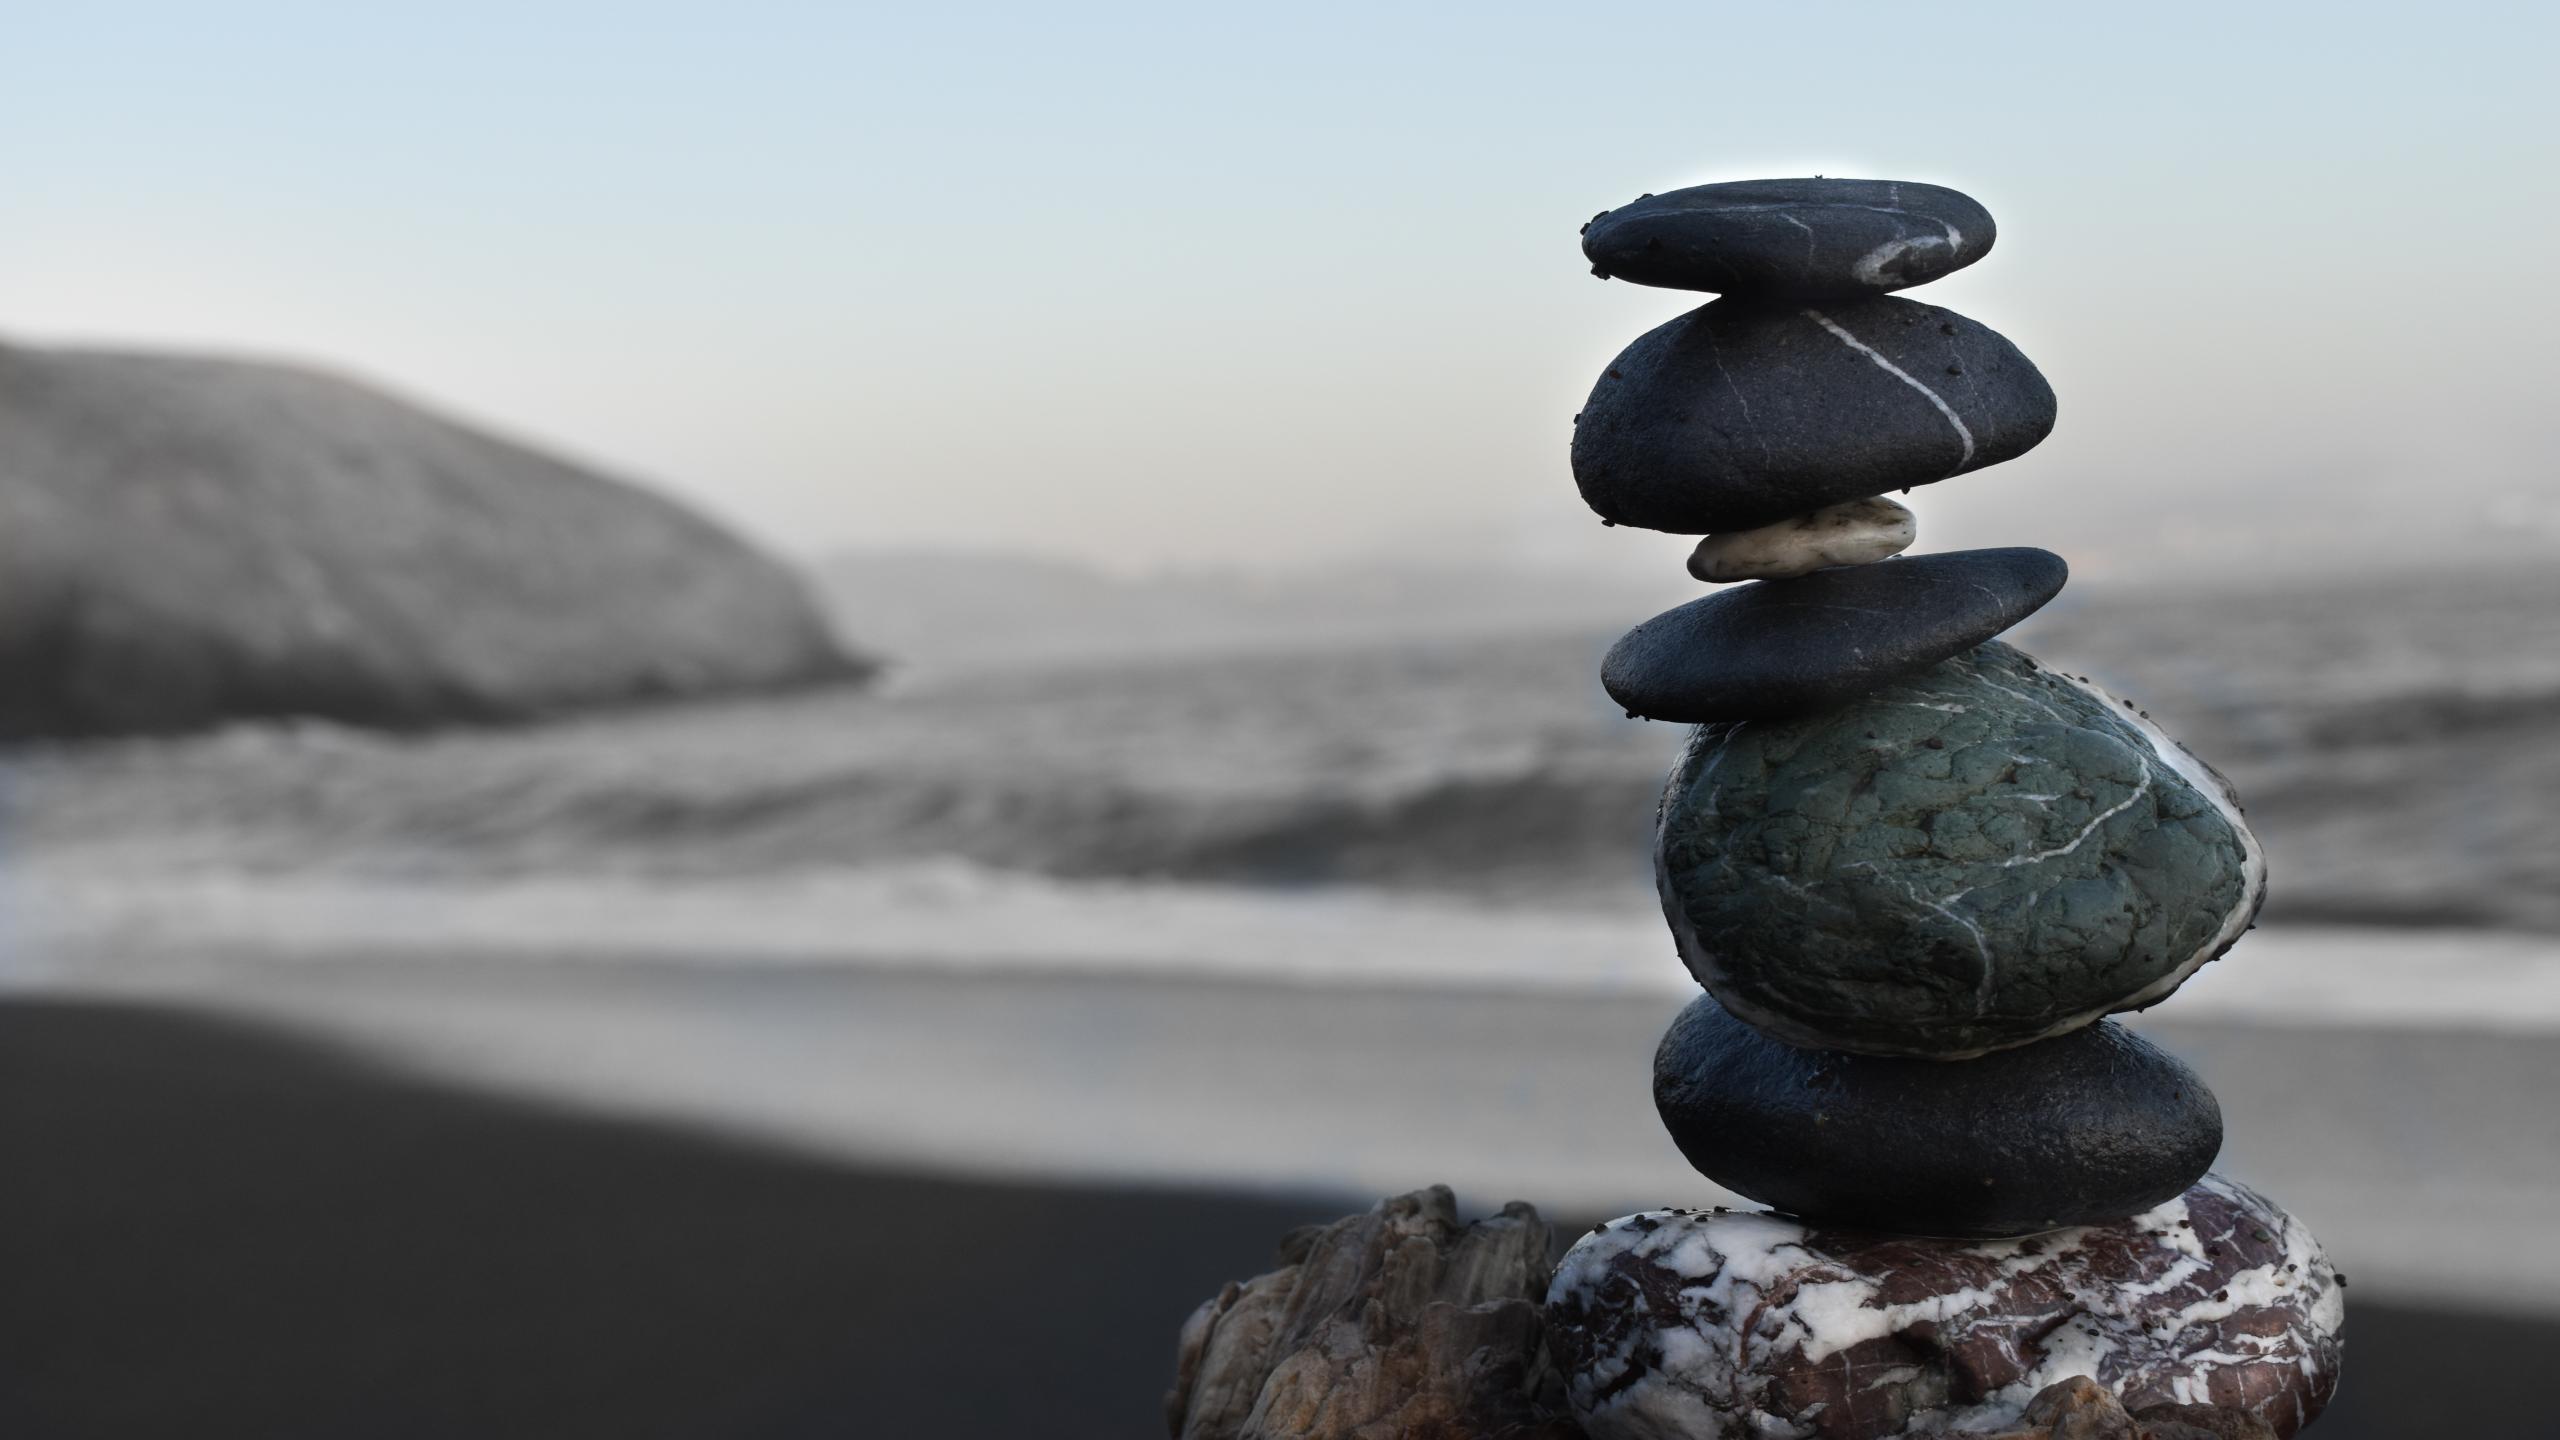 Zen Lover